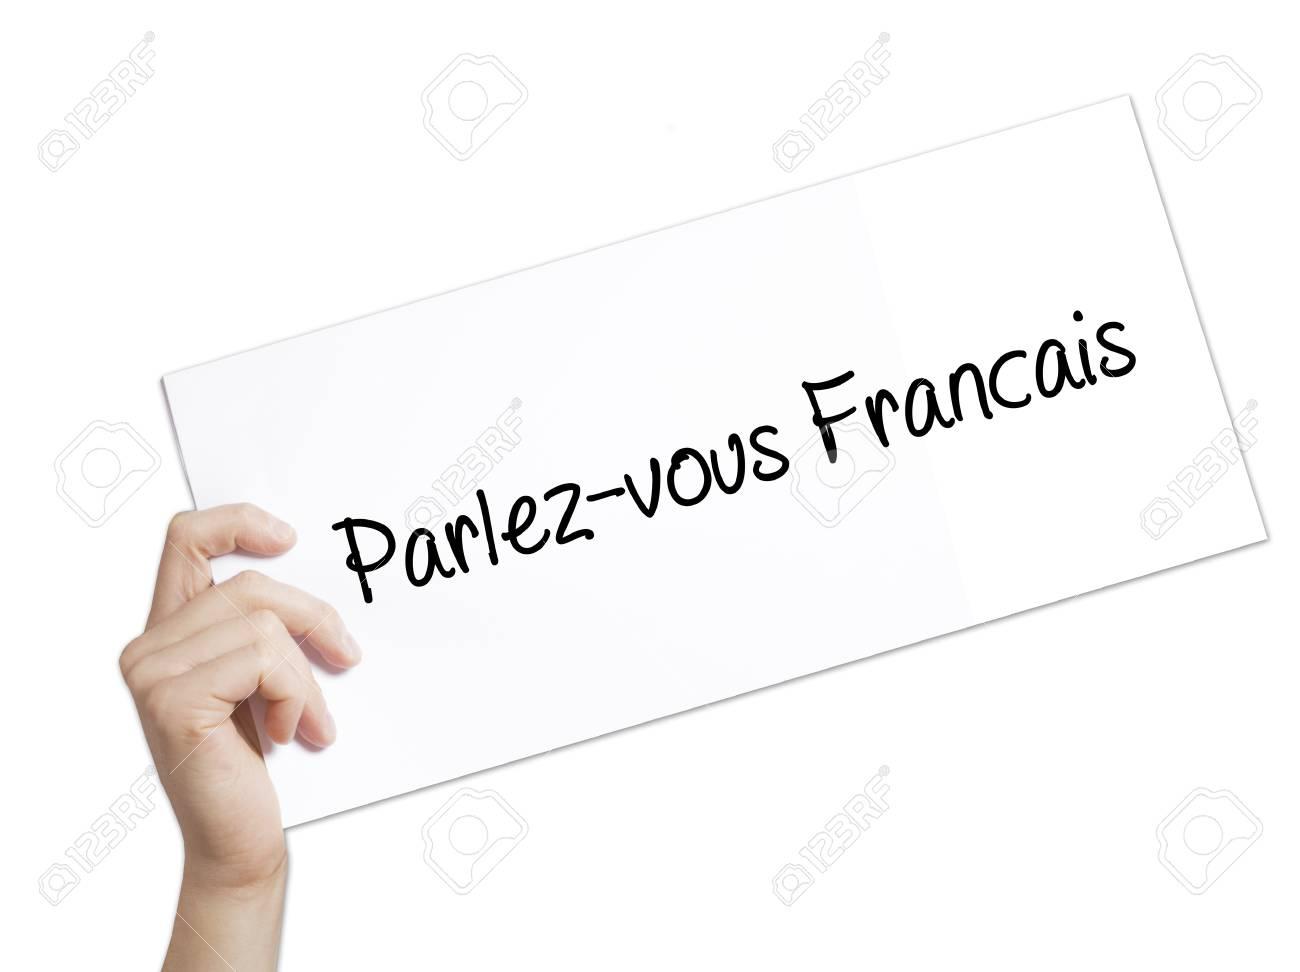 Parlez Vous Francais Signalez Vous Le Francais En Francais Inscrivez Vous Sur Un Livre Blanc Main De L Homme Tenant Le Papier Avec Du Texte Isole